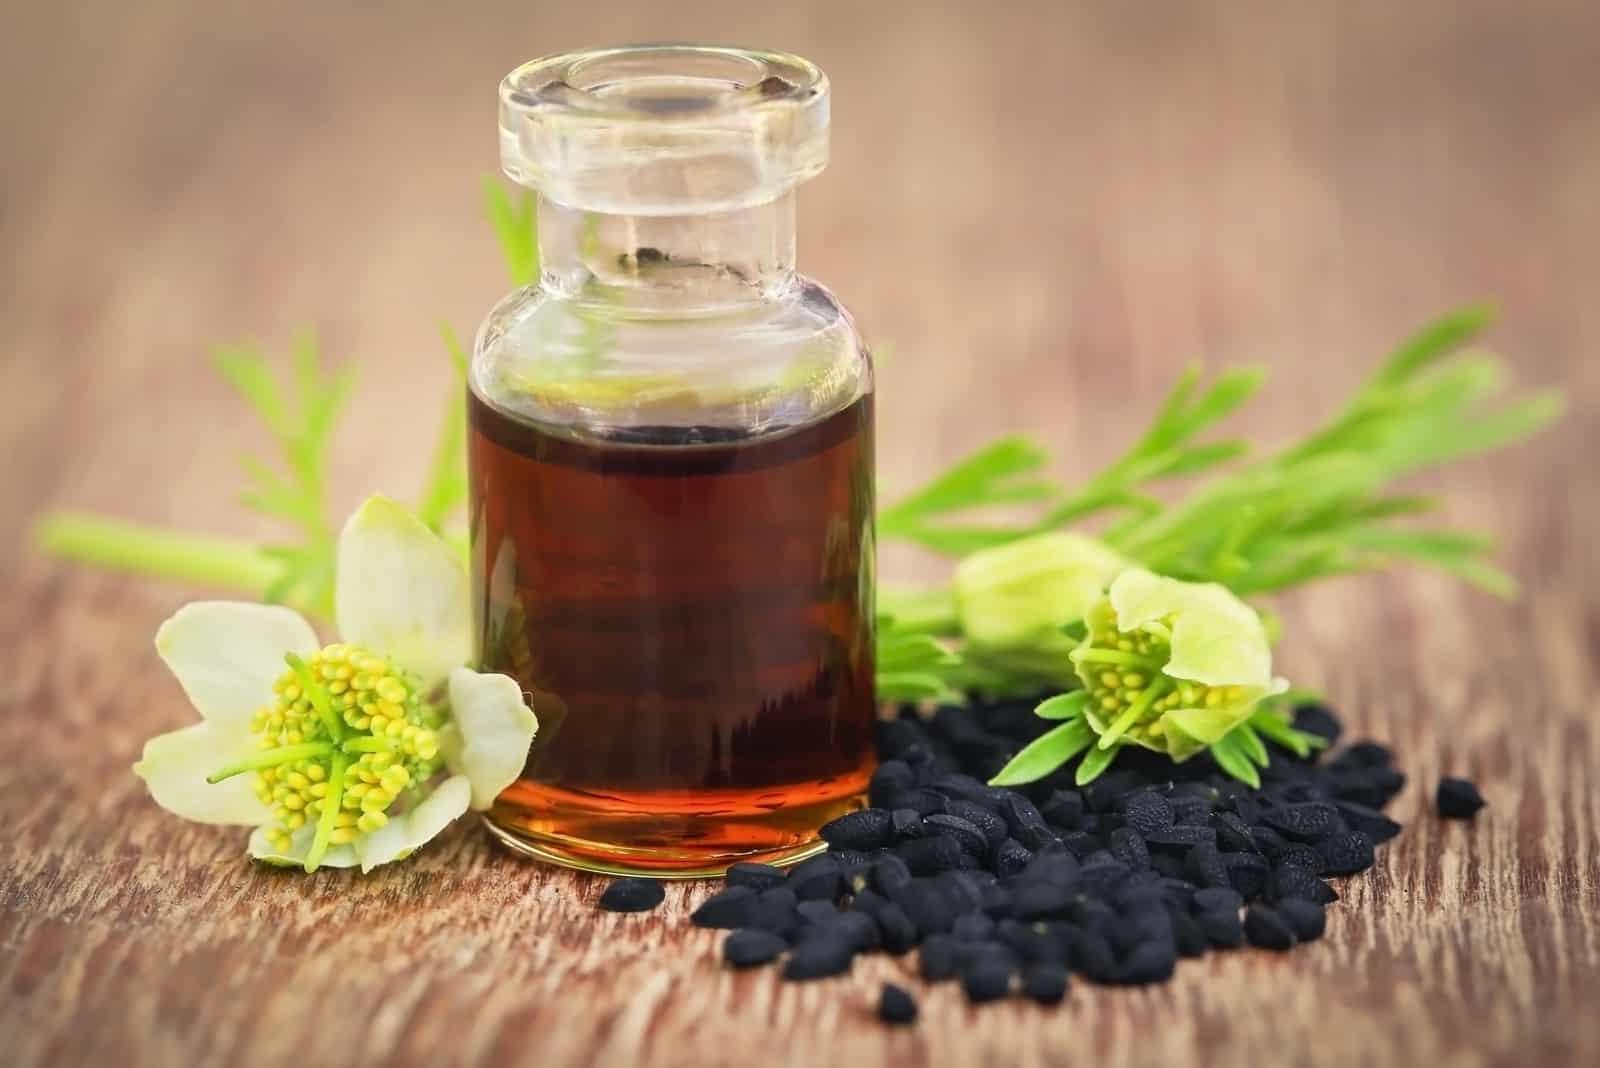 Nigella-Blume mit Samen und ätherischem Öl in einer Glasflasche